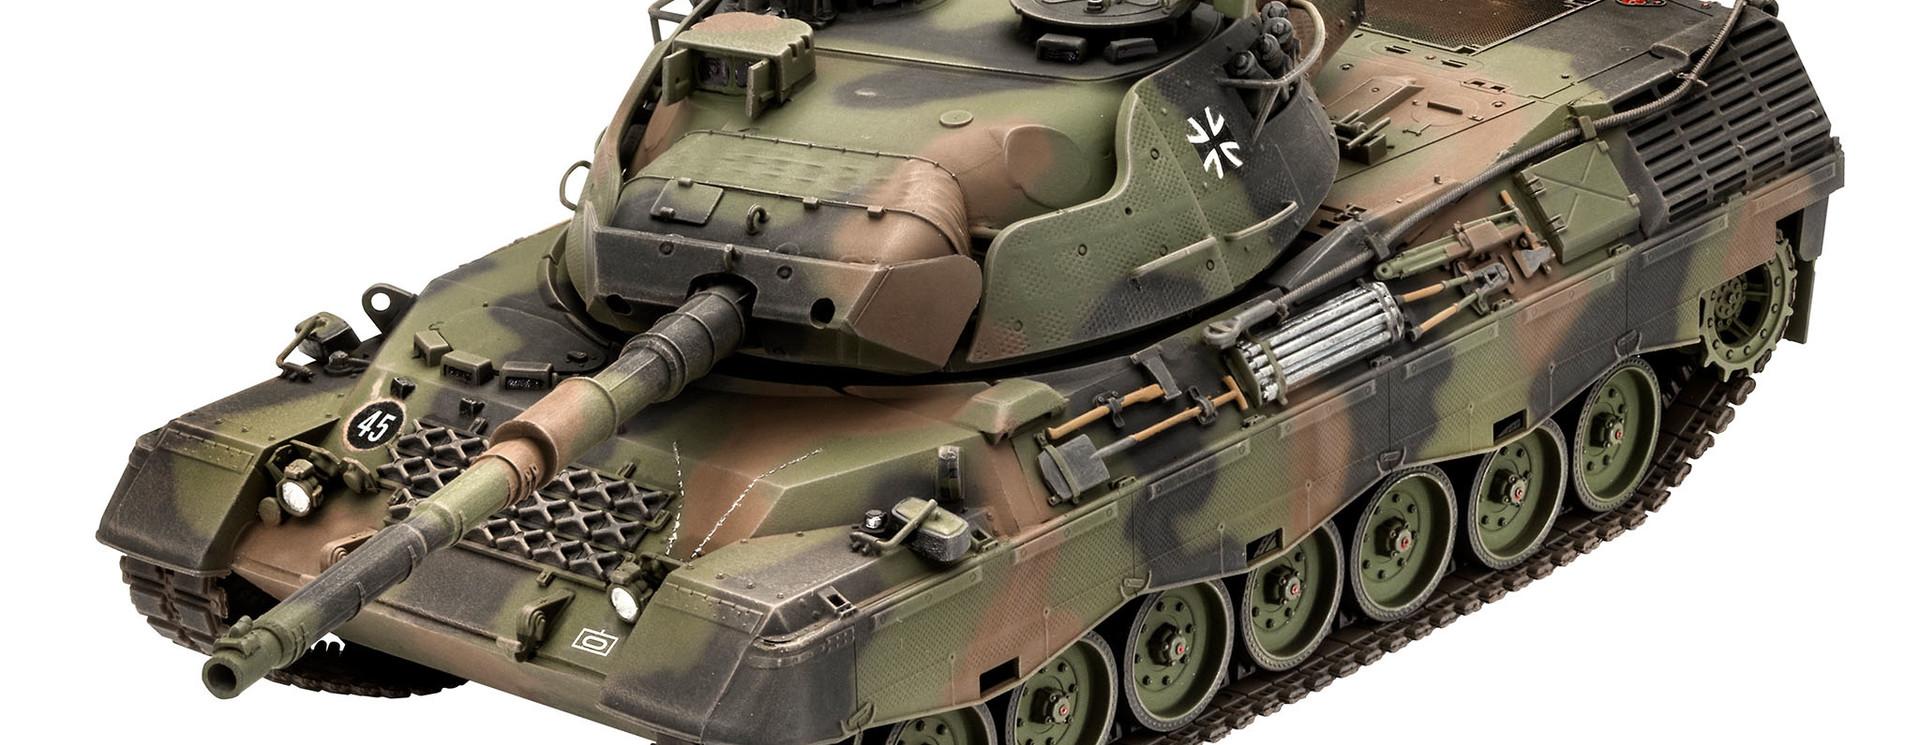 Bouwdozen van tanks en andere militaire voertuigen